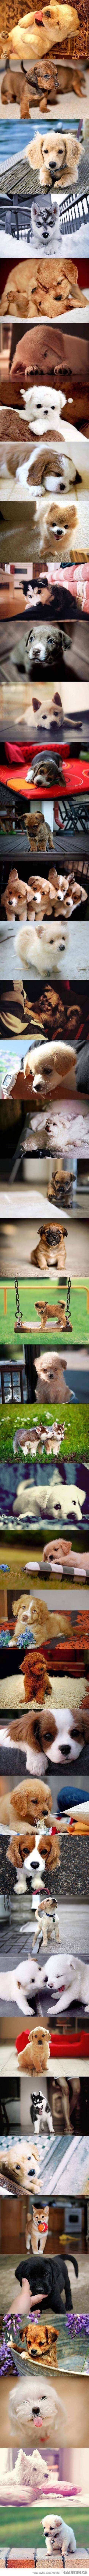 Whole lotta puppies!